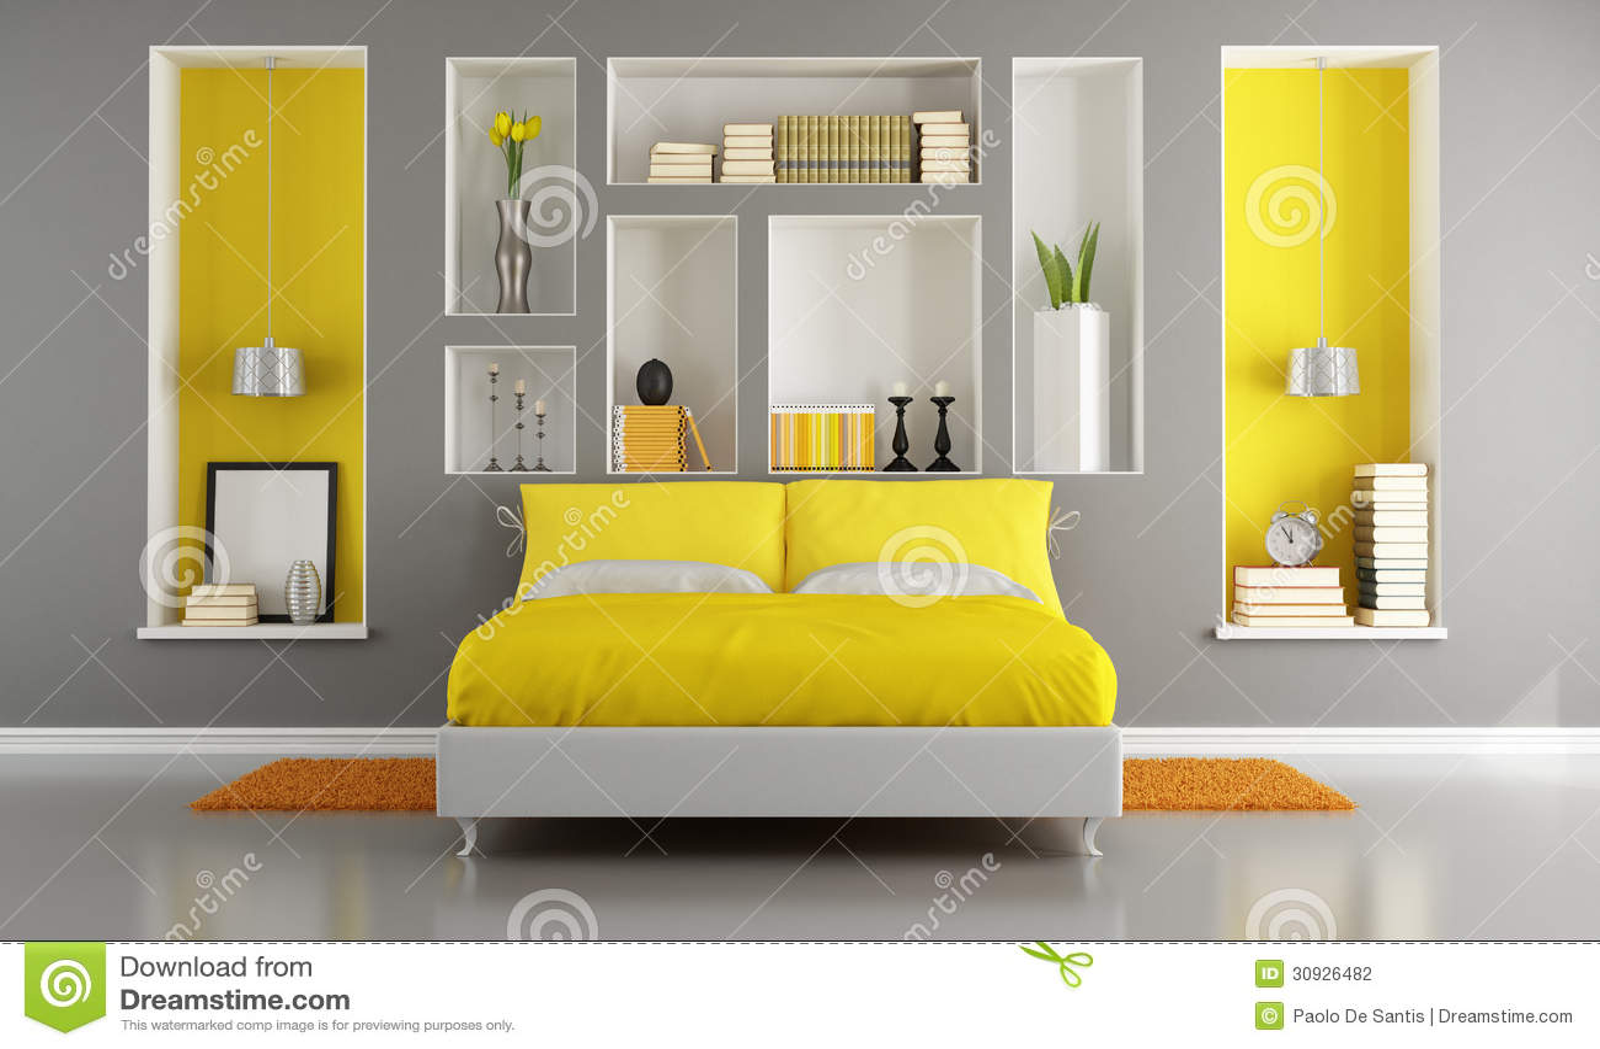 Chambre coucher moderne jaune et grise photographie for Les chambre a coucher moderne